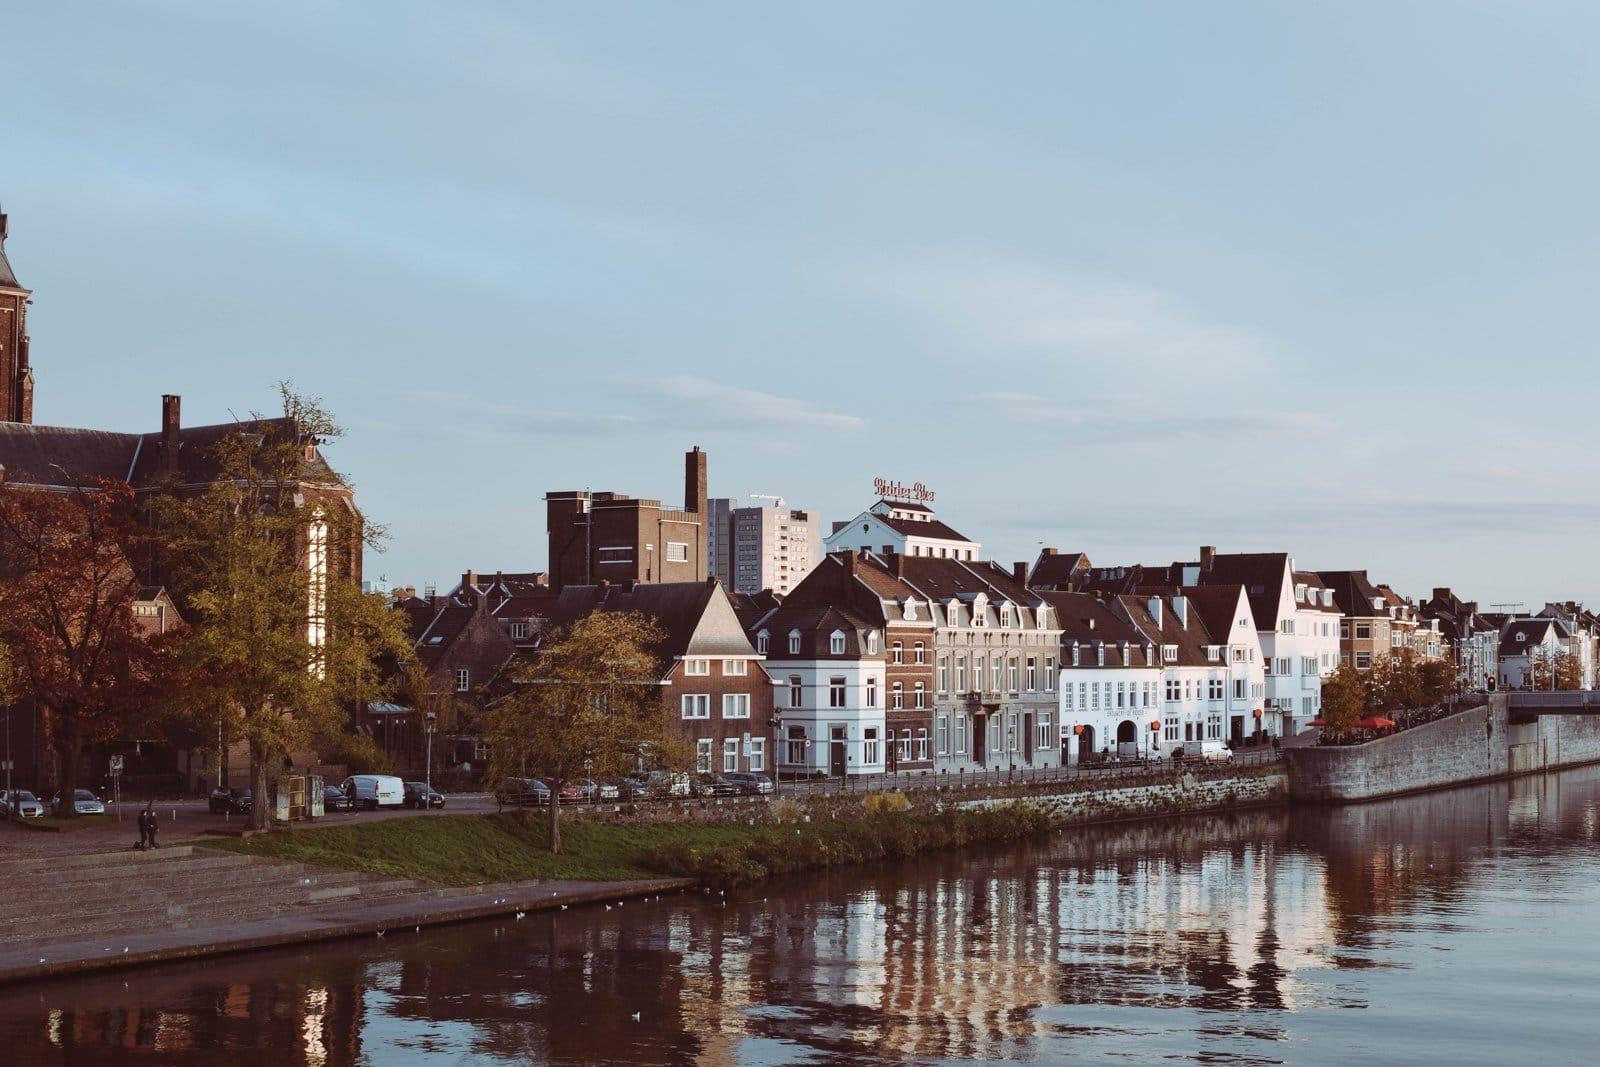 Dit zijn de leukste boutique hotels van Maastricht voor een staycation!